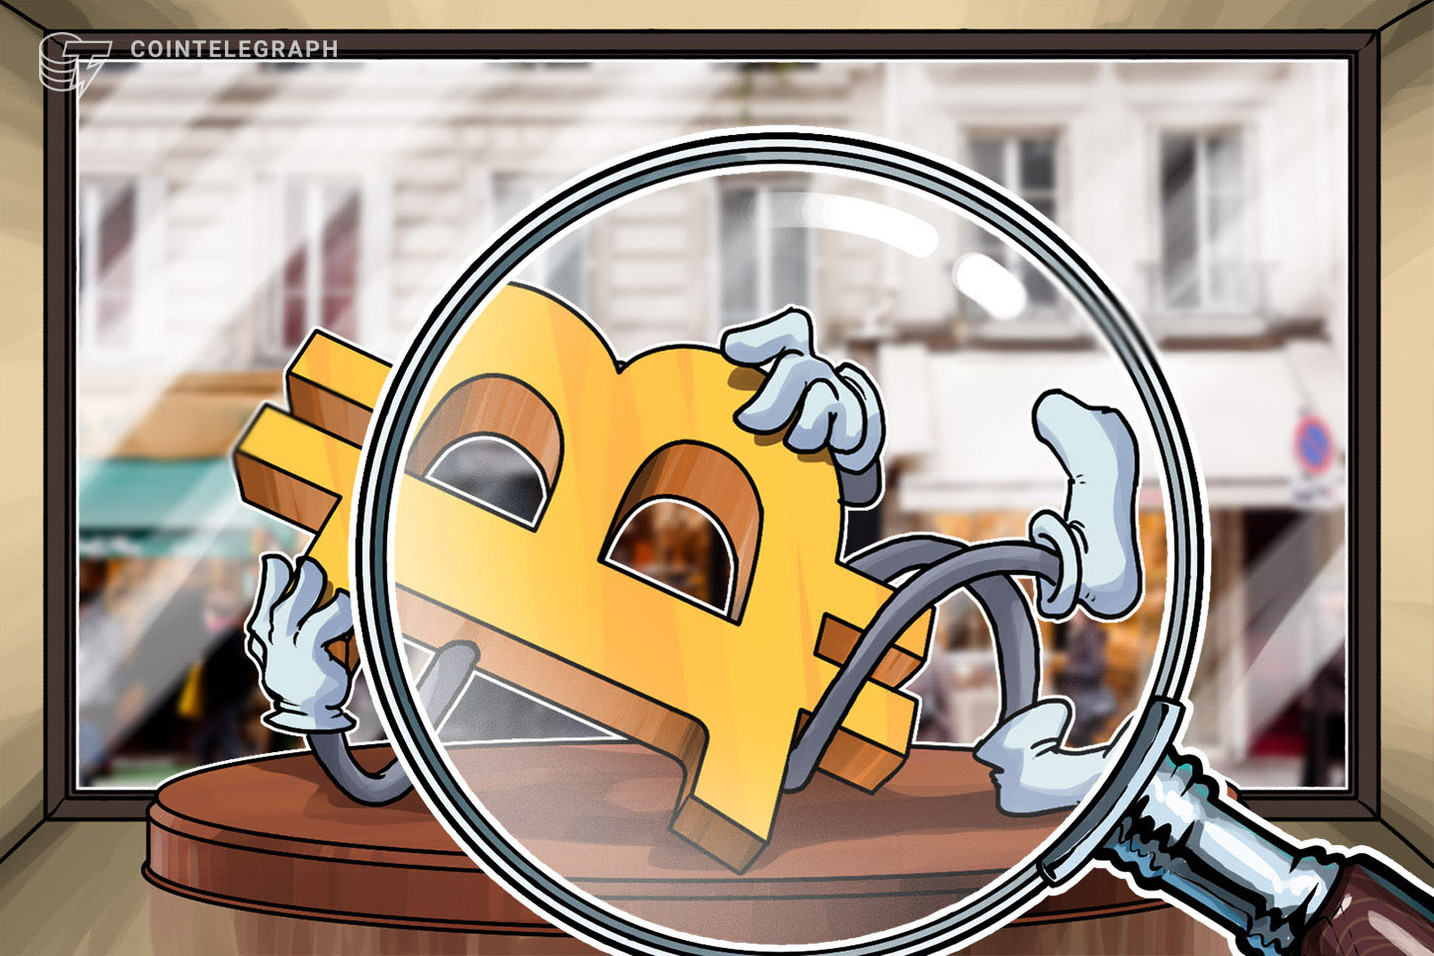 Bitcoin klettert über 9.400 US-Dollar, steuert auf fünfstelligen Bereich zu